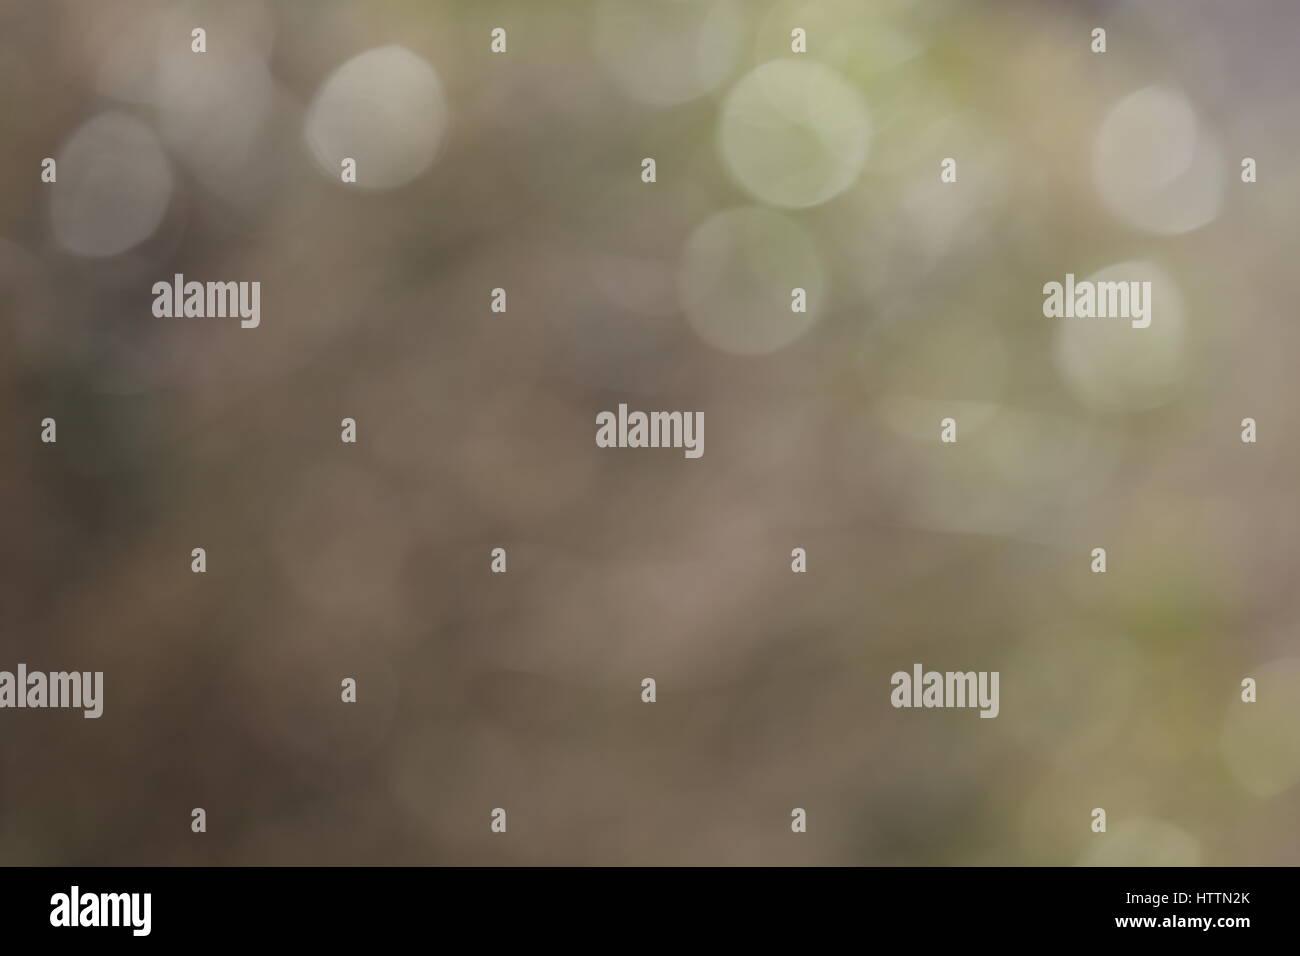 Hintergrund Bokeh Lichtreflexe weiß grün gelb - Stock Image